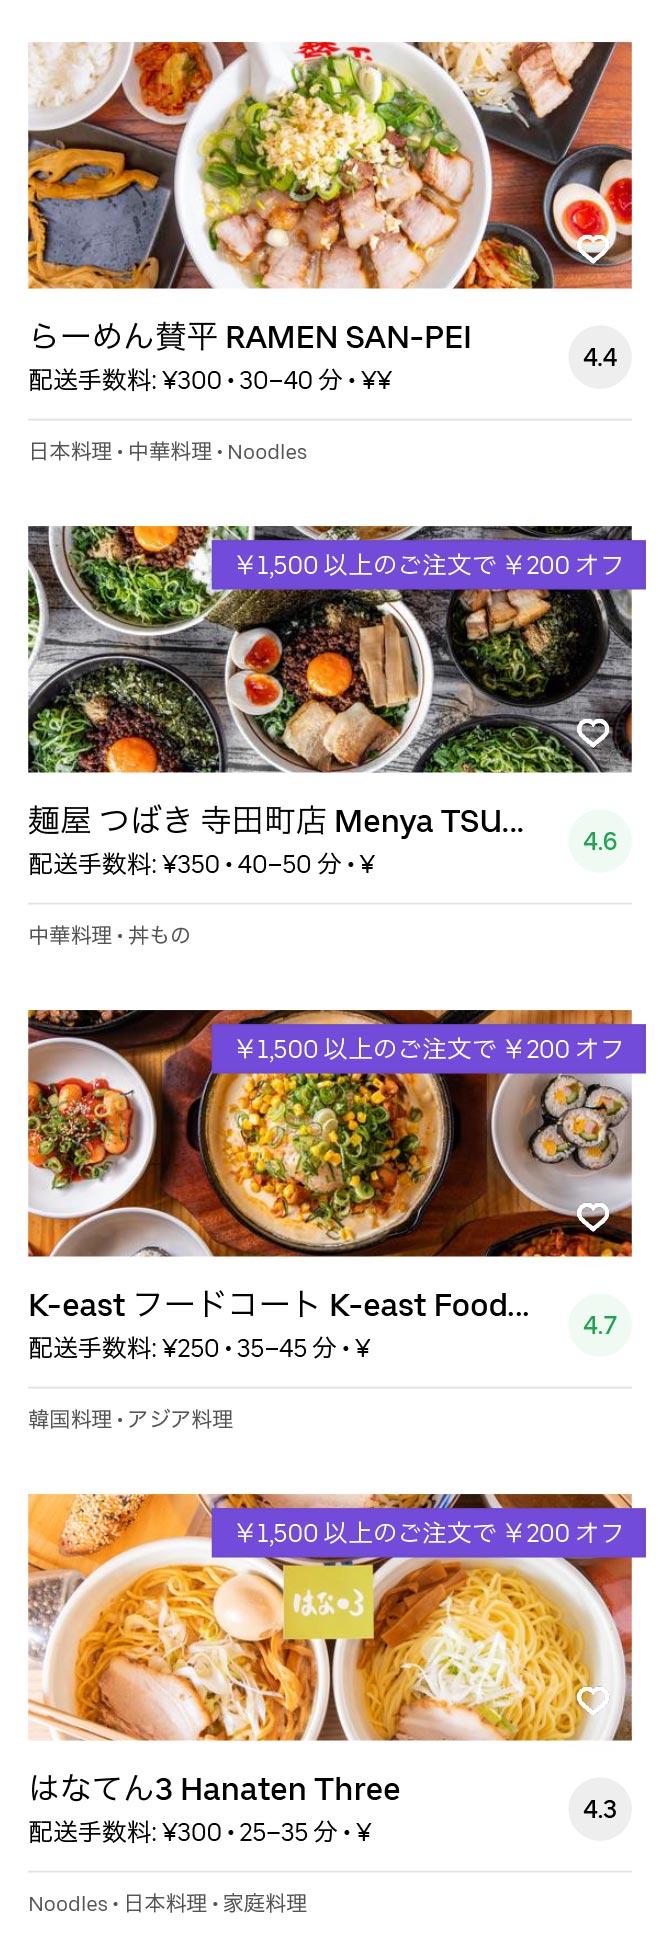 Higashi osaka fuse menu 2005 07